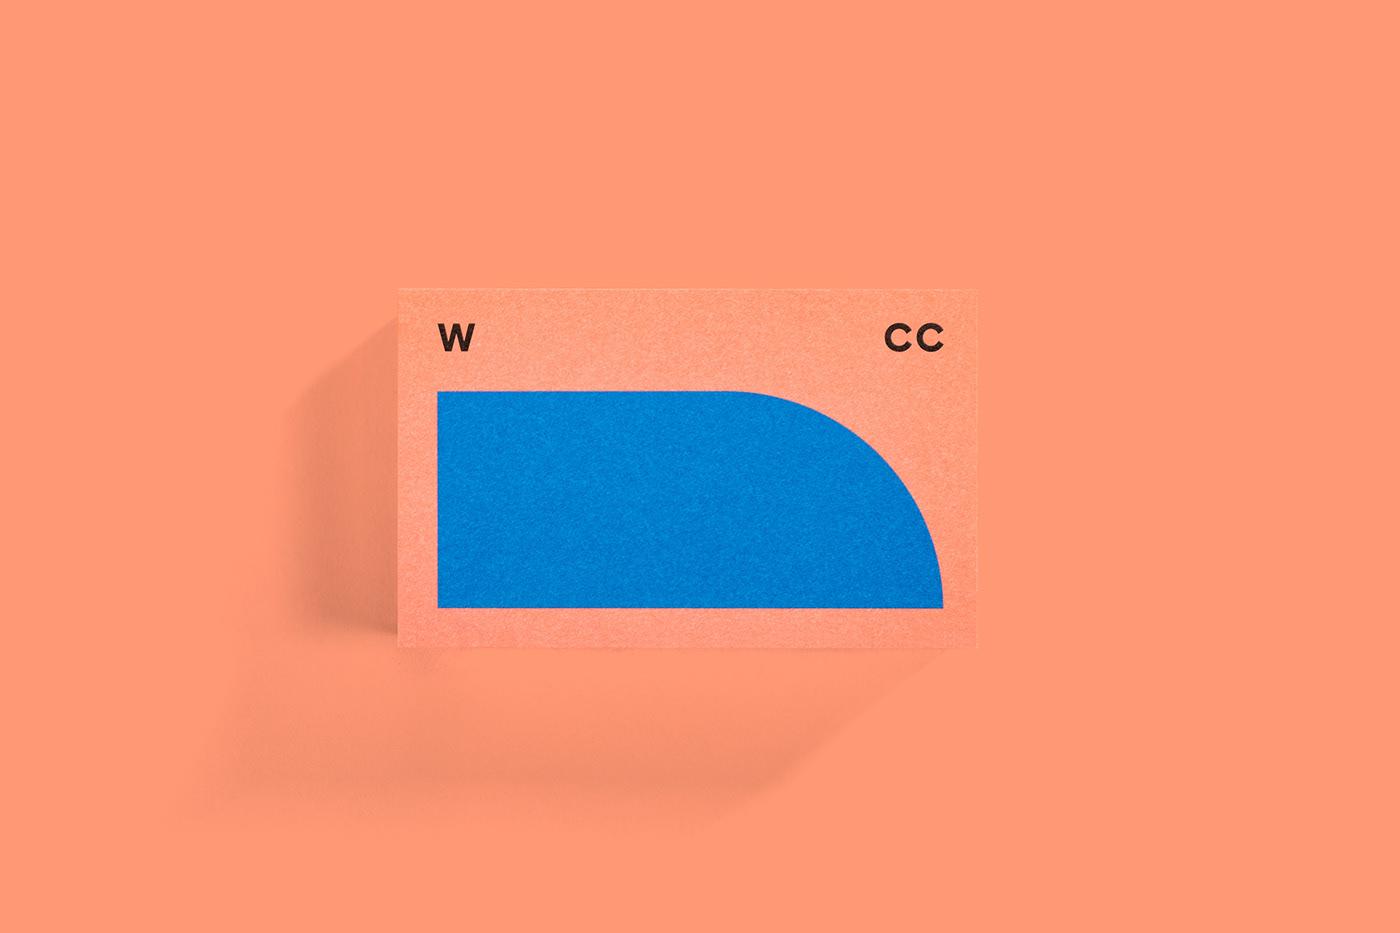 有設計感的22款創意設計作品欣賞